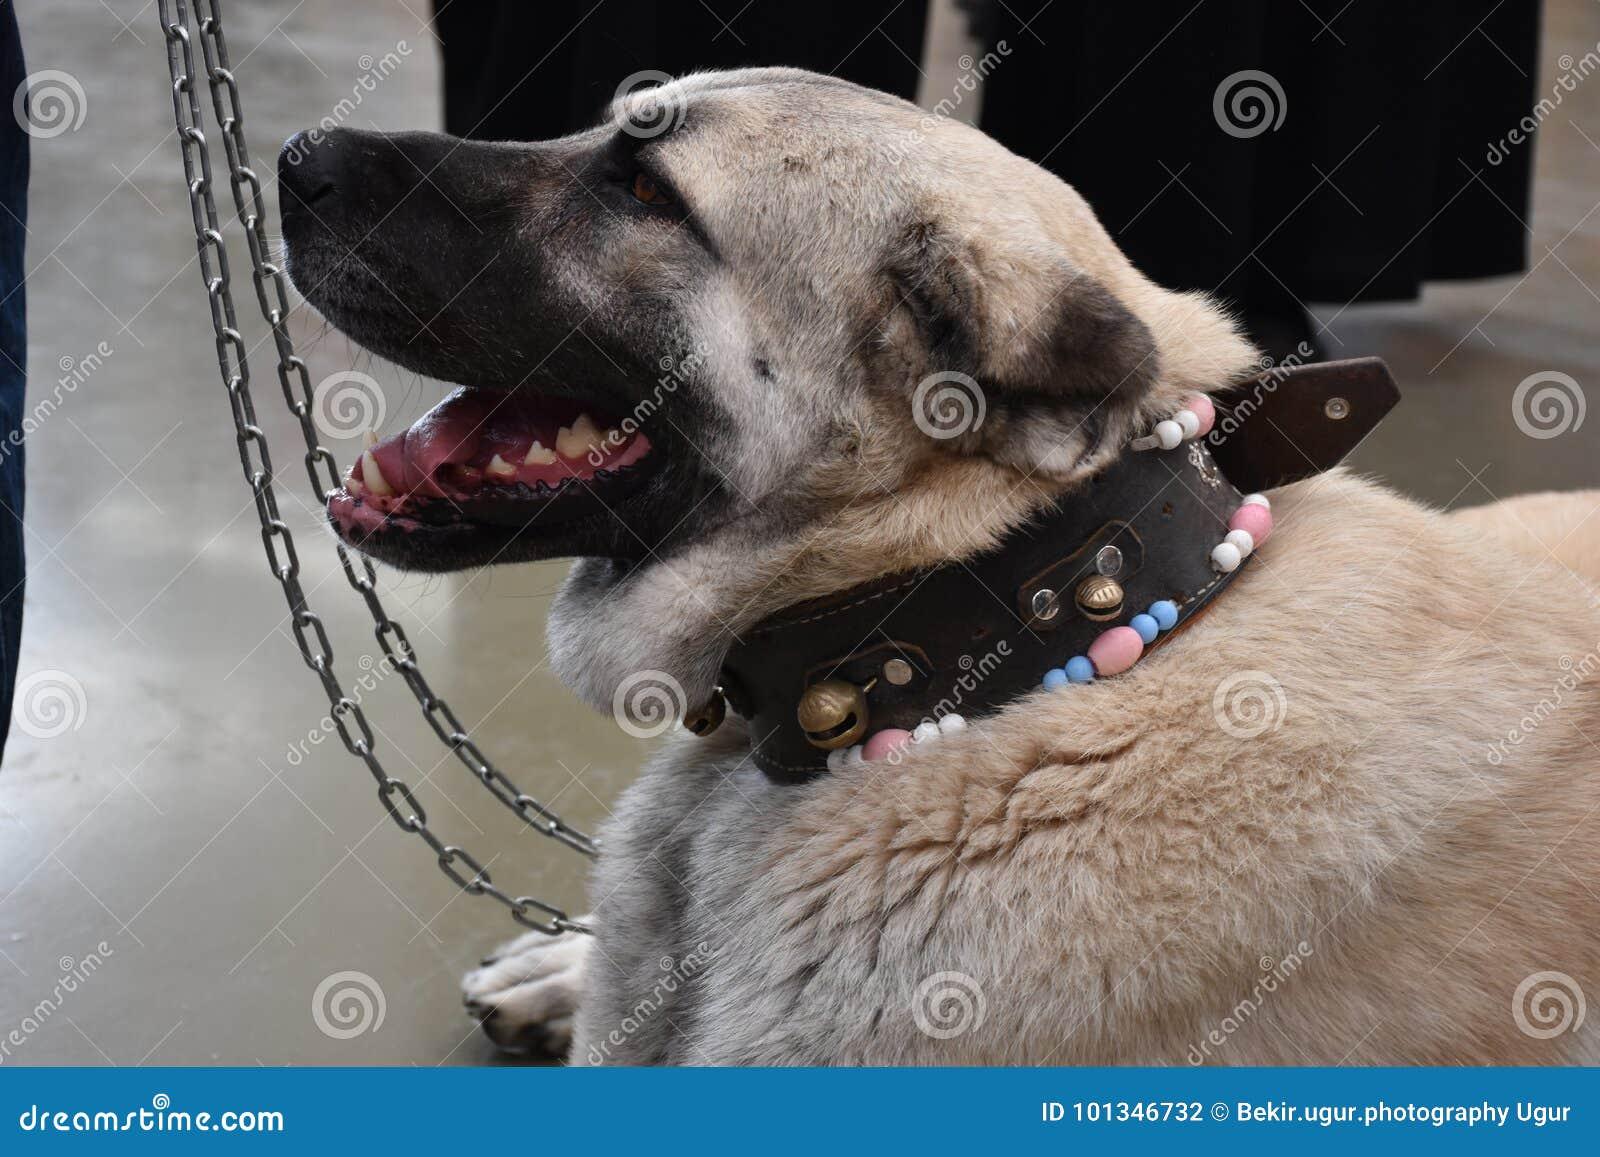 锡瓦斯坎加尔狗阿纳托利安牧羊犬土耳其